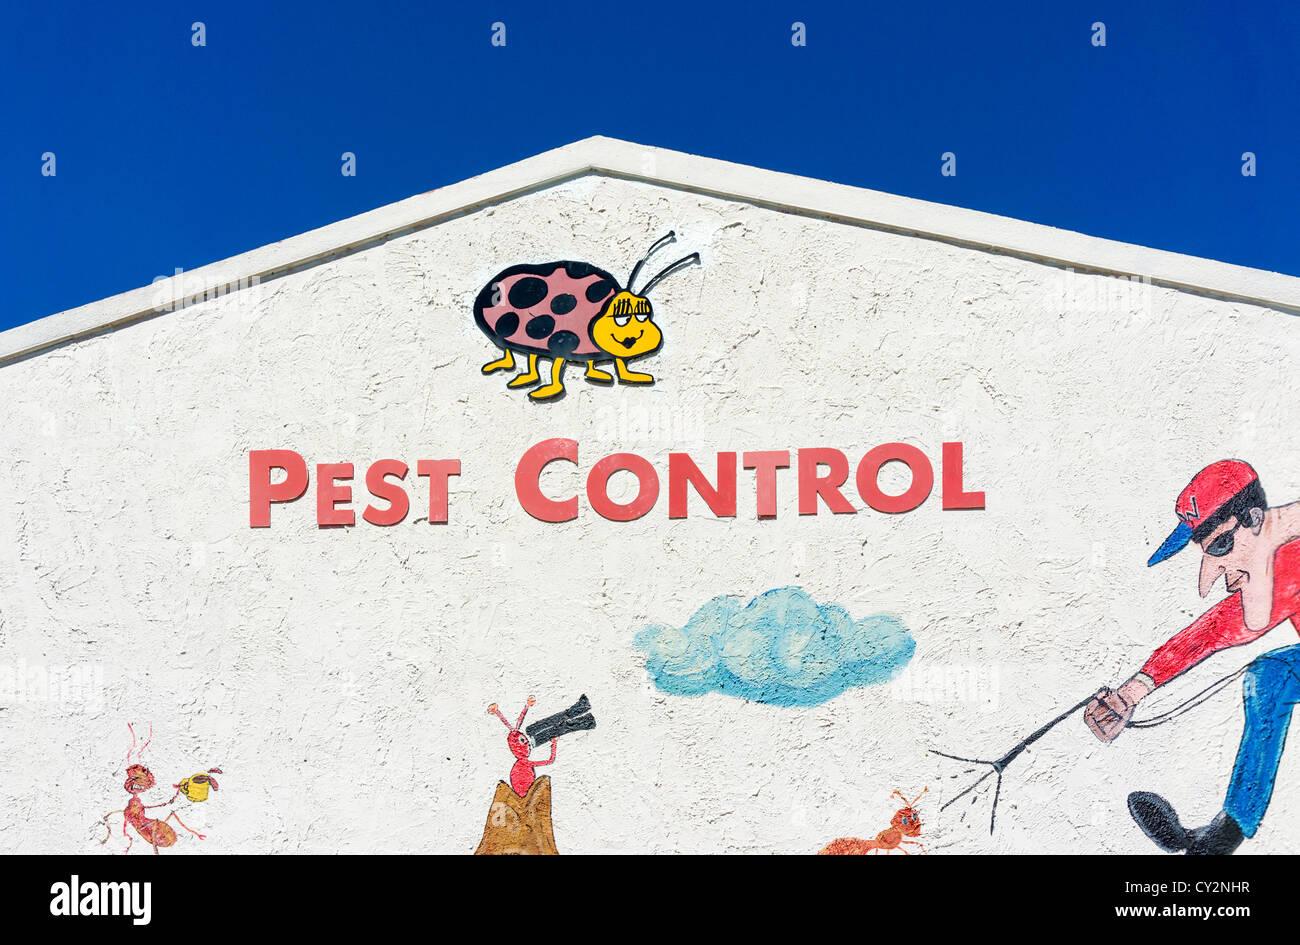 Una empresa de control de plagas en Dundee, Condado de Polk, Florida, EE.UU. Imagen De Stock